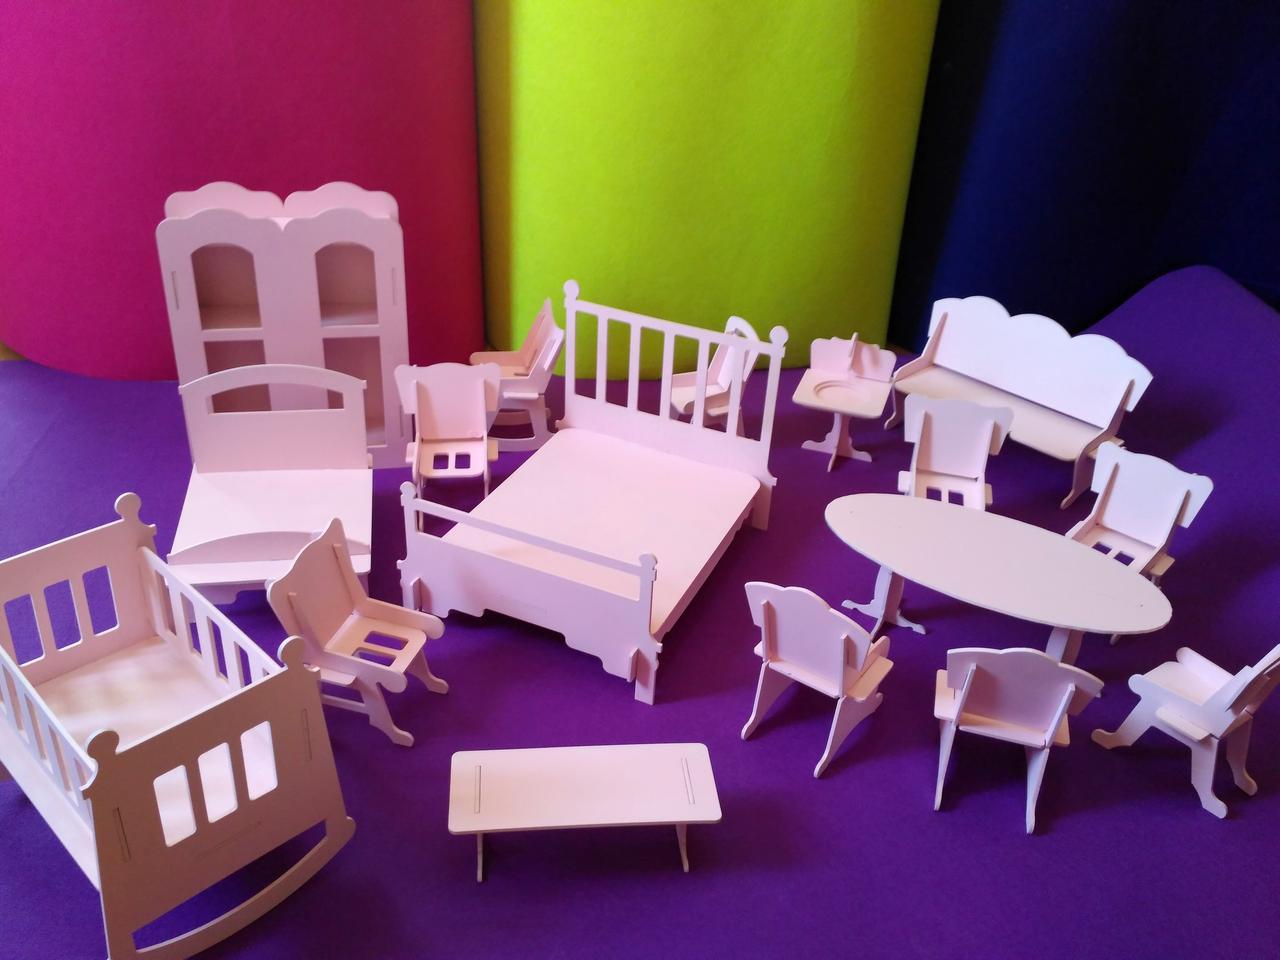 Кукольная мебель для больших кукол (17 предметов)